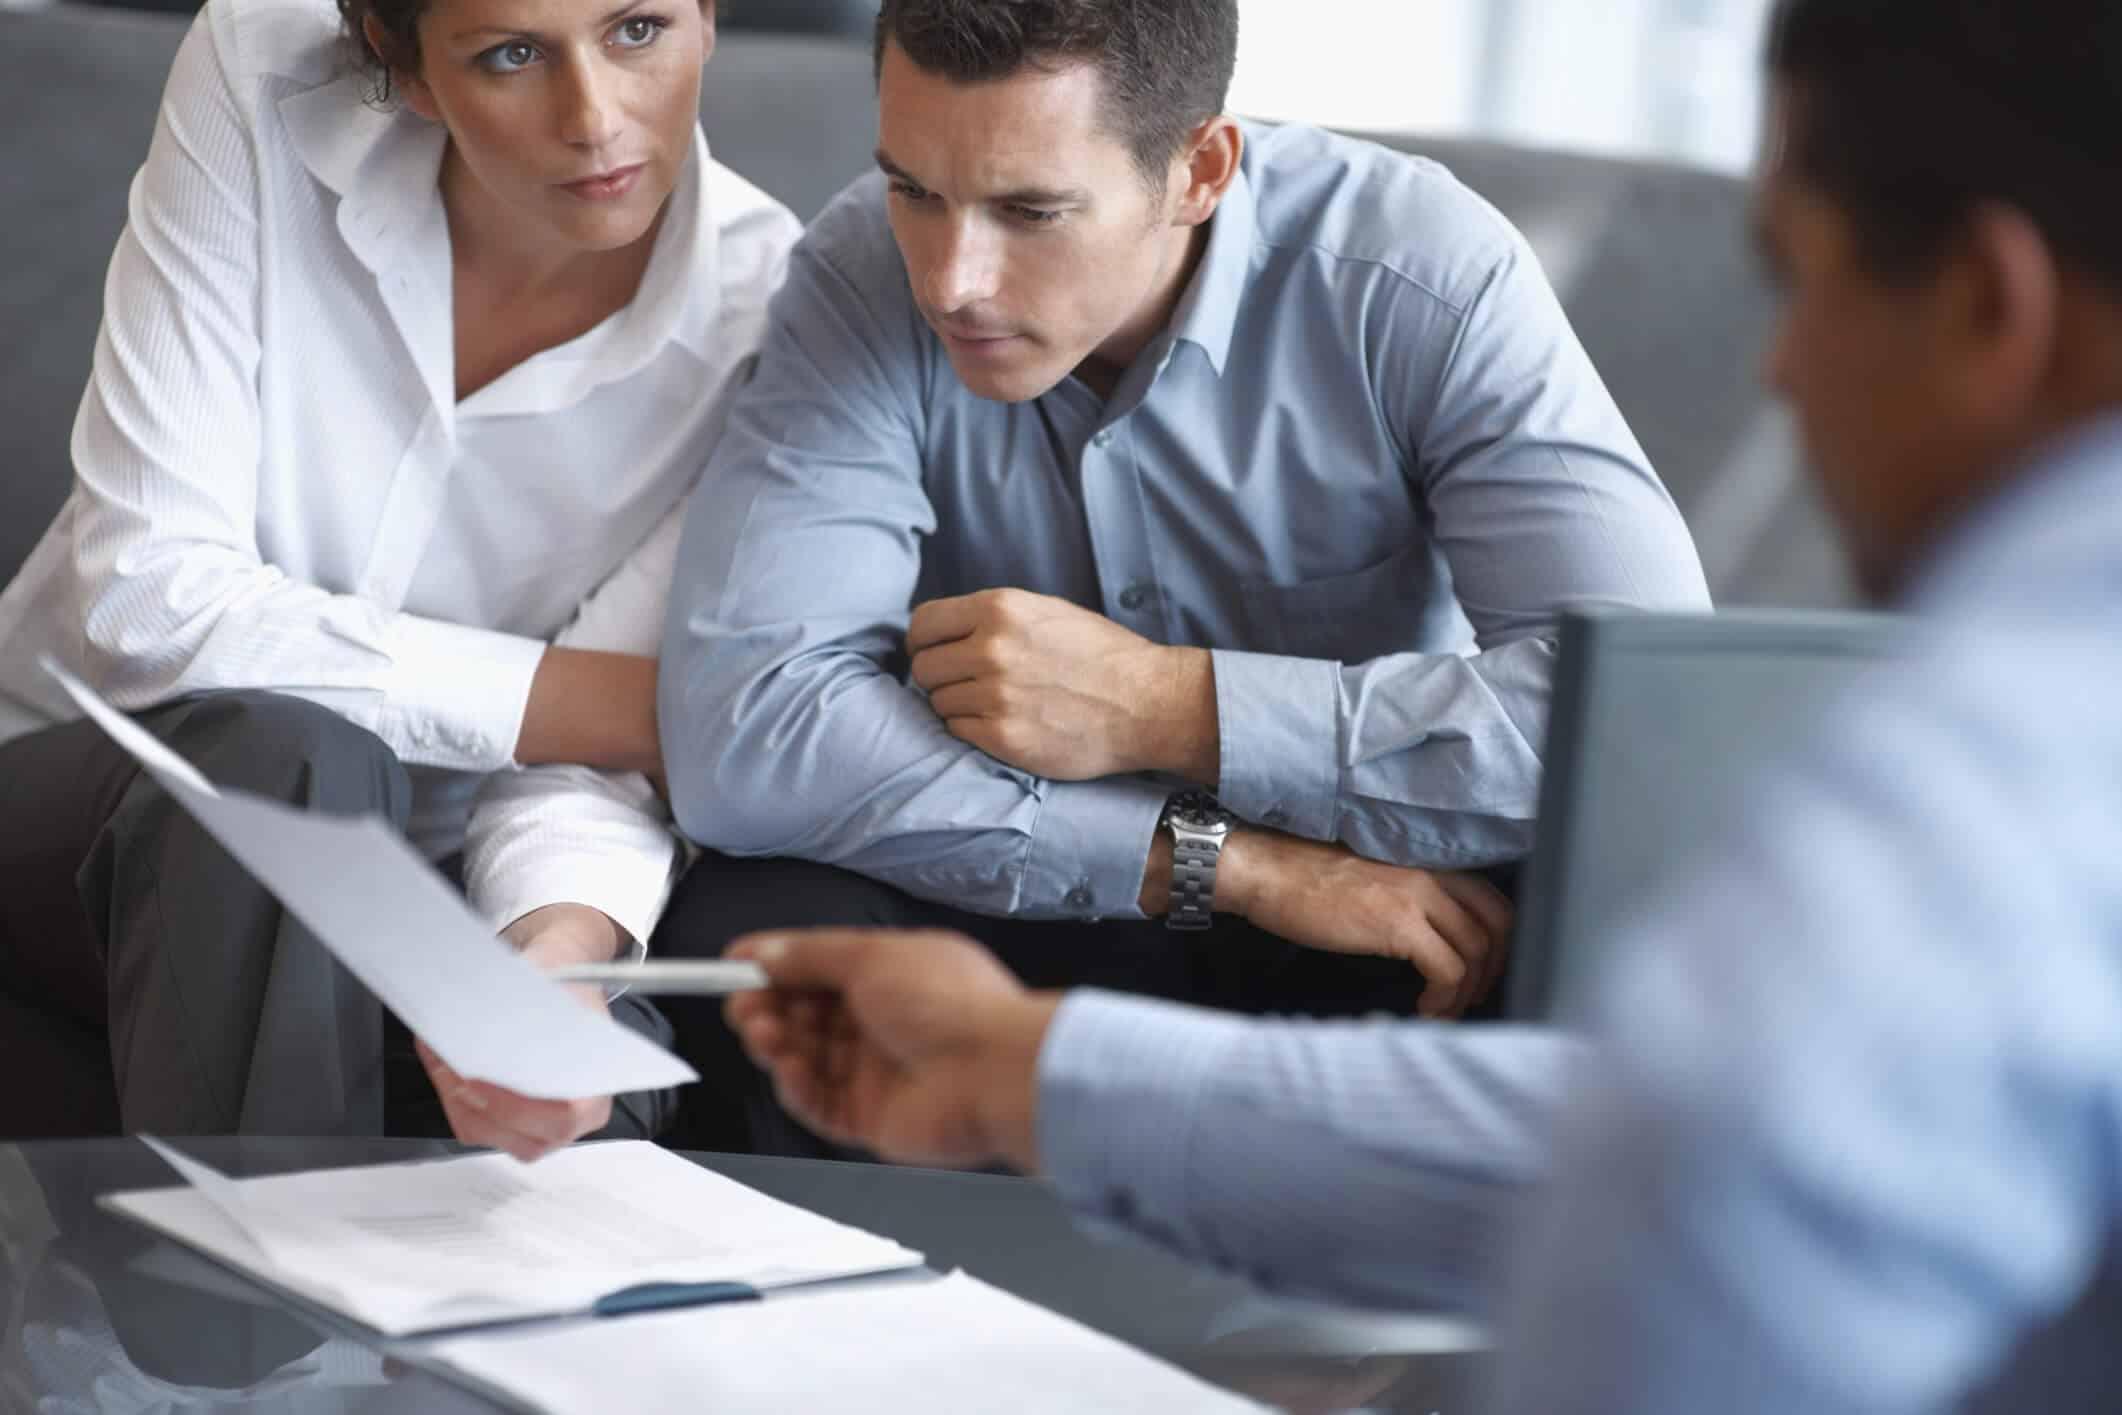 Rodada de Negócios: O que é uma rodada de negócios setorial?